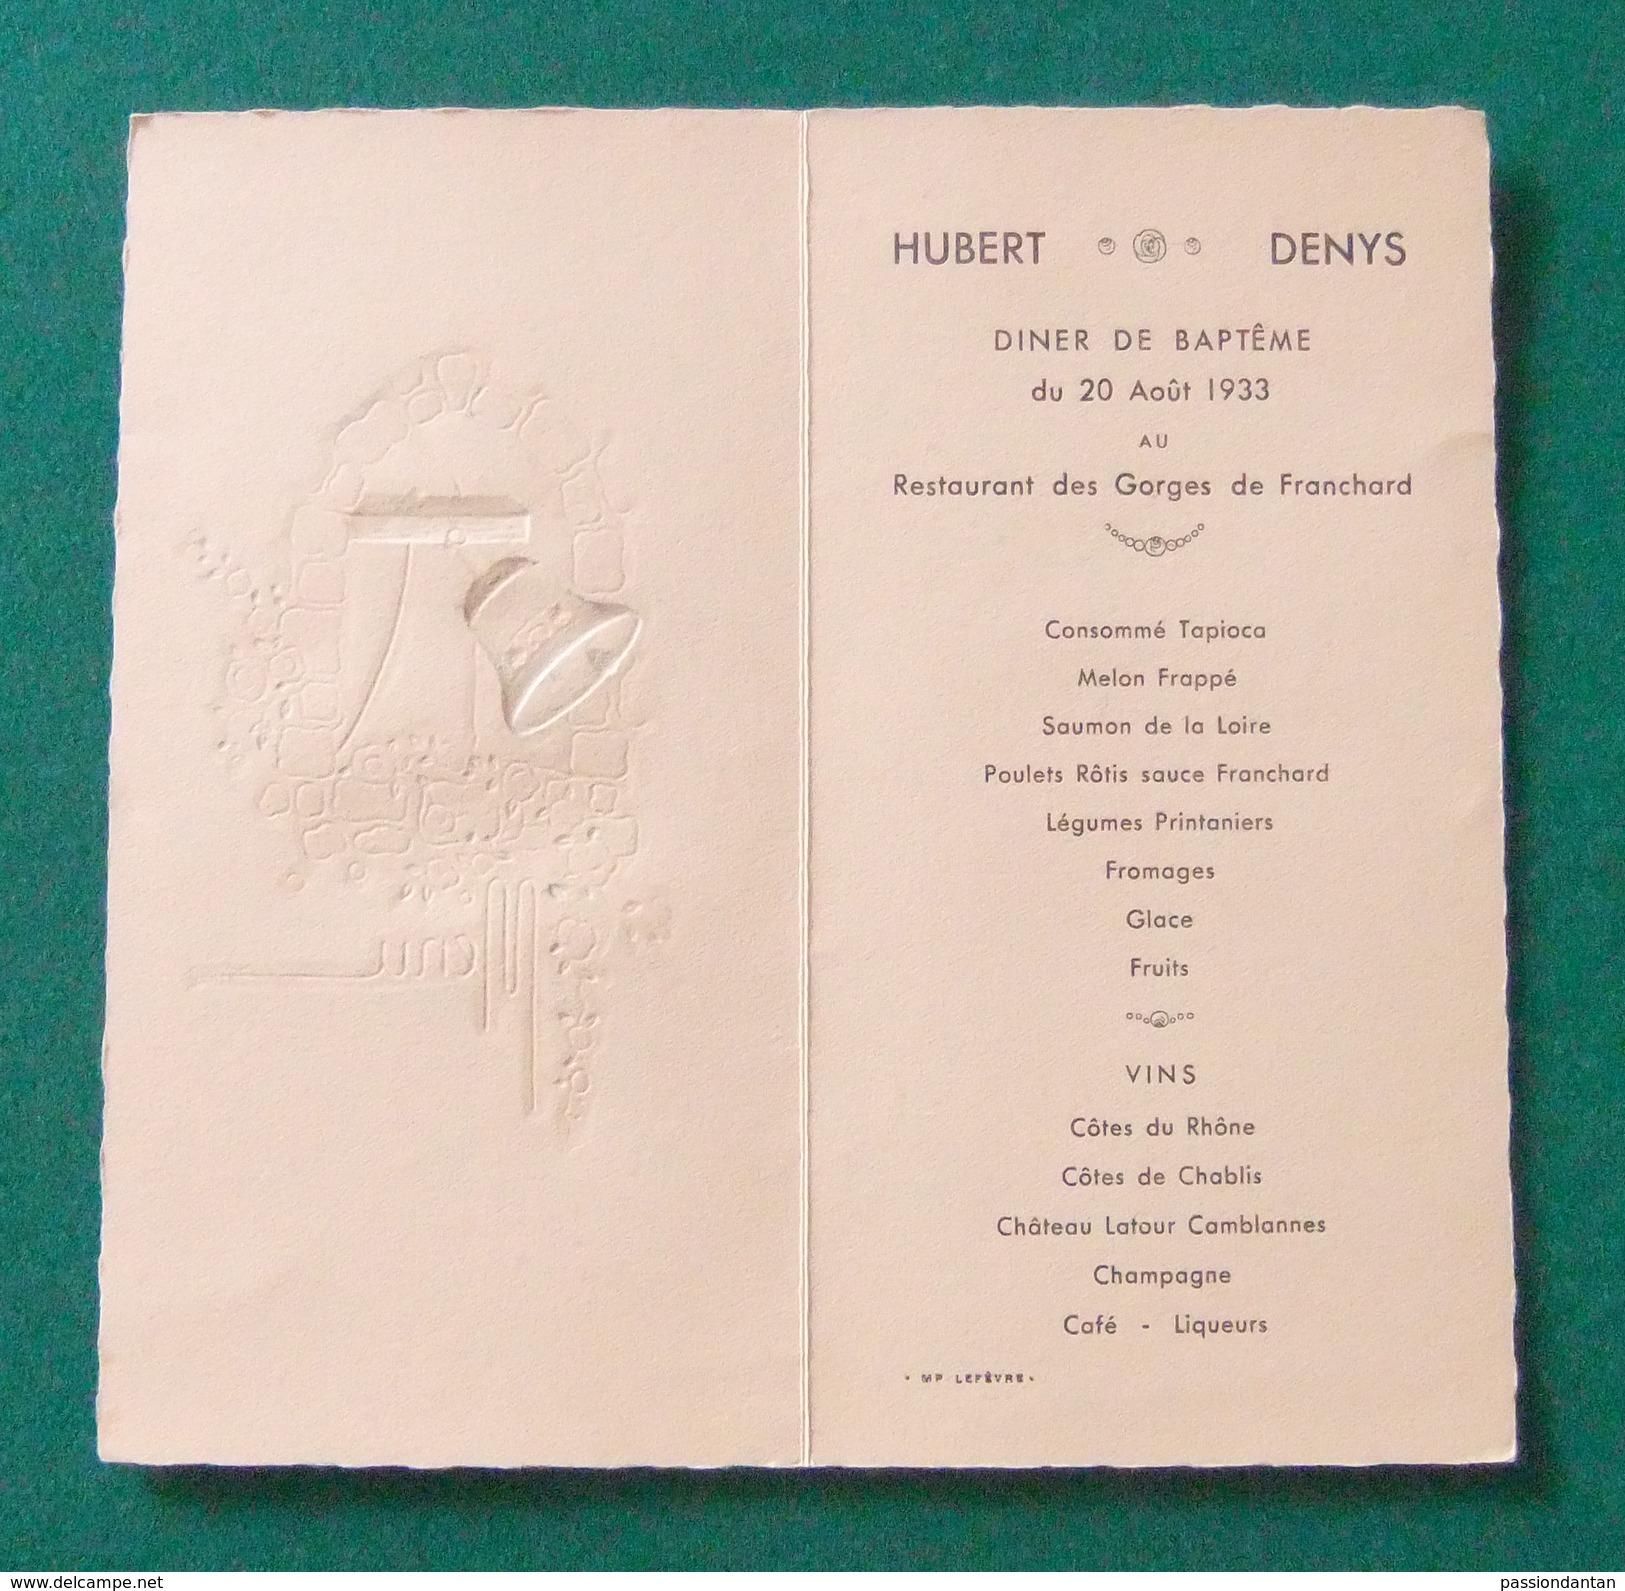 Menu De Dîner De Baptême Organisé En 1933 Au Restaurant Des Gorges De Franchard à Fontainebleau - Menus